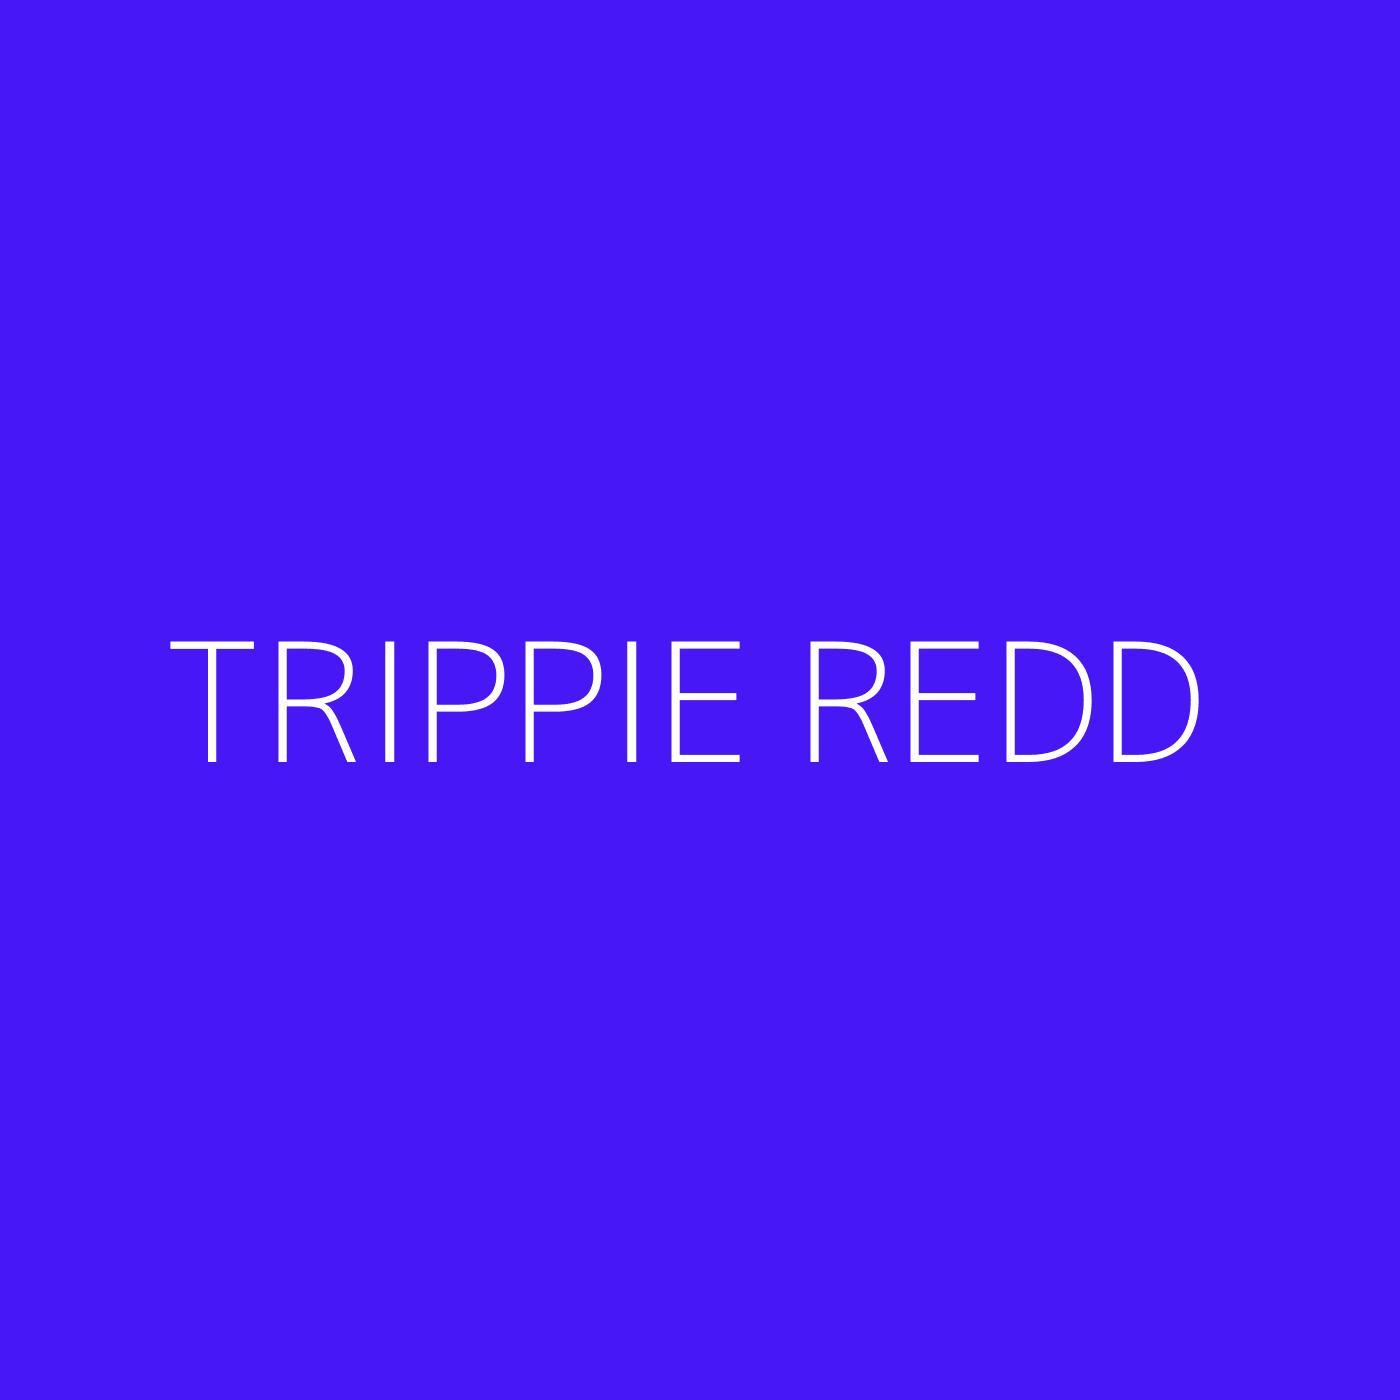 Trippie Redd Playlist Artwork